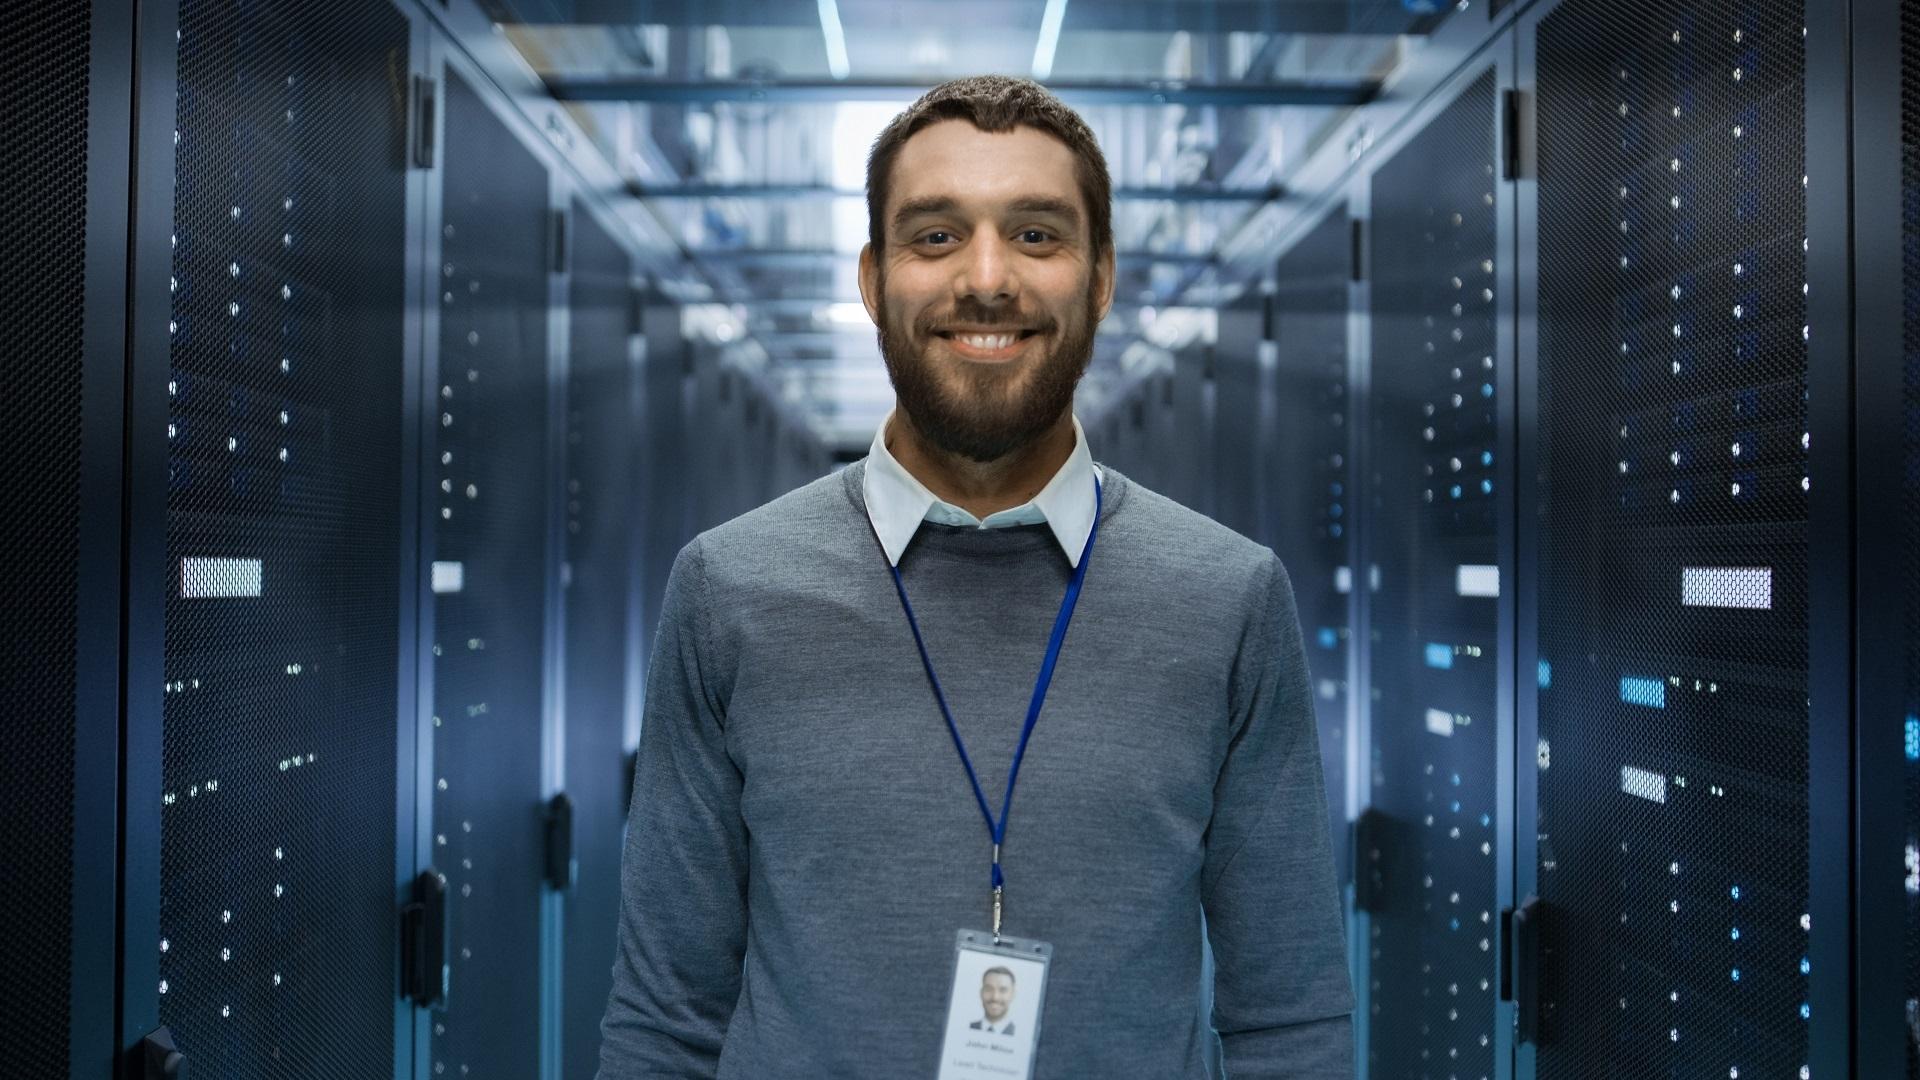 SAP_Bild 1 - quelle - Gorodenkoff - stock.adobe.com-1